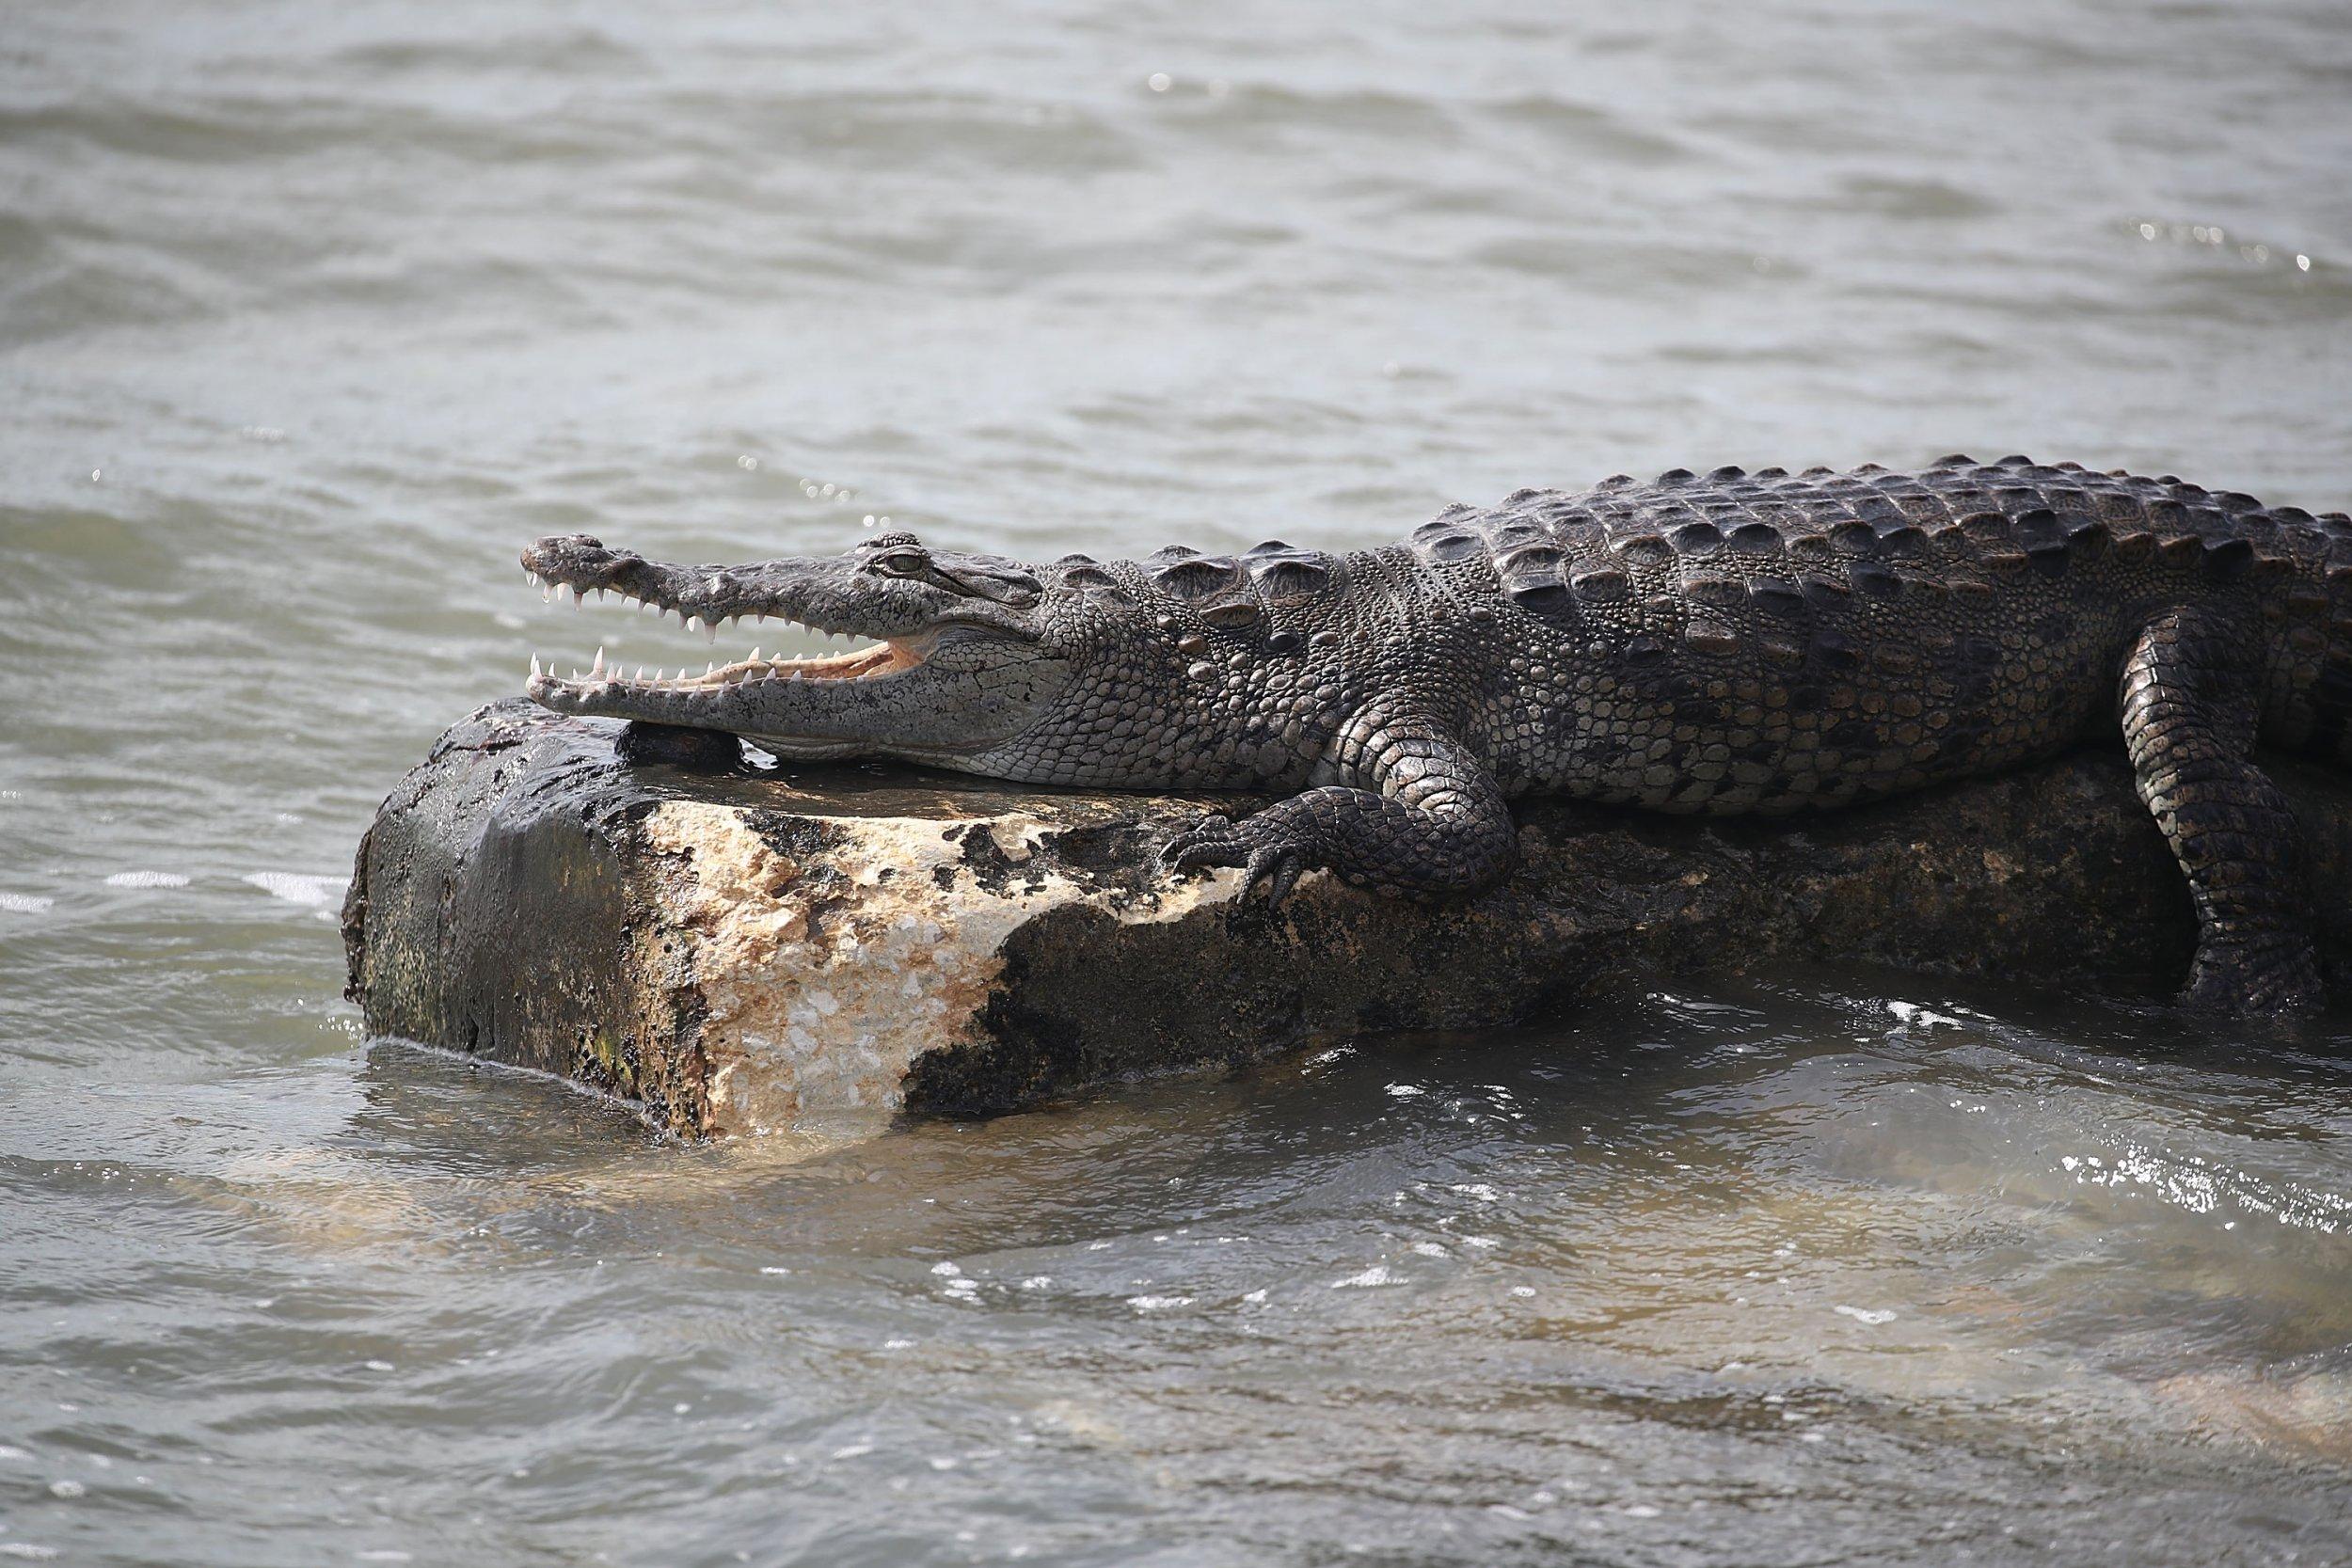 11_4_Crocodile